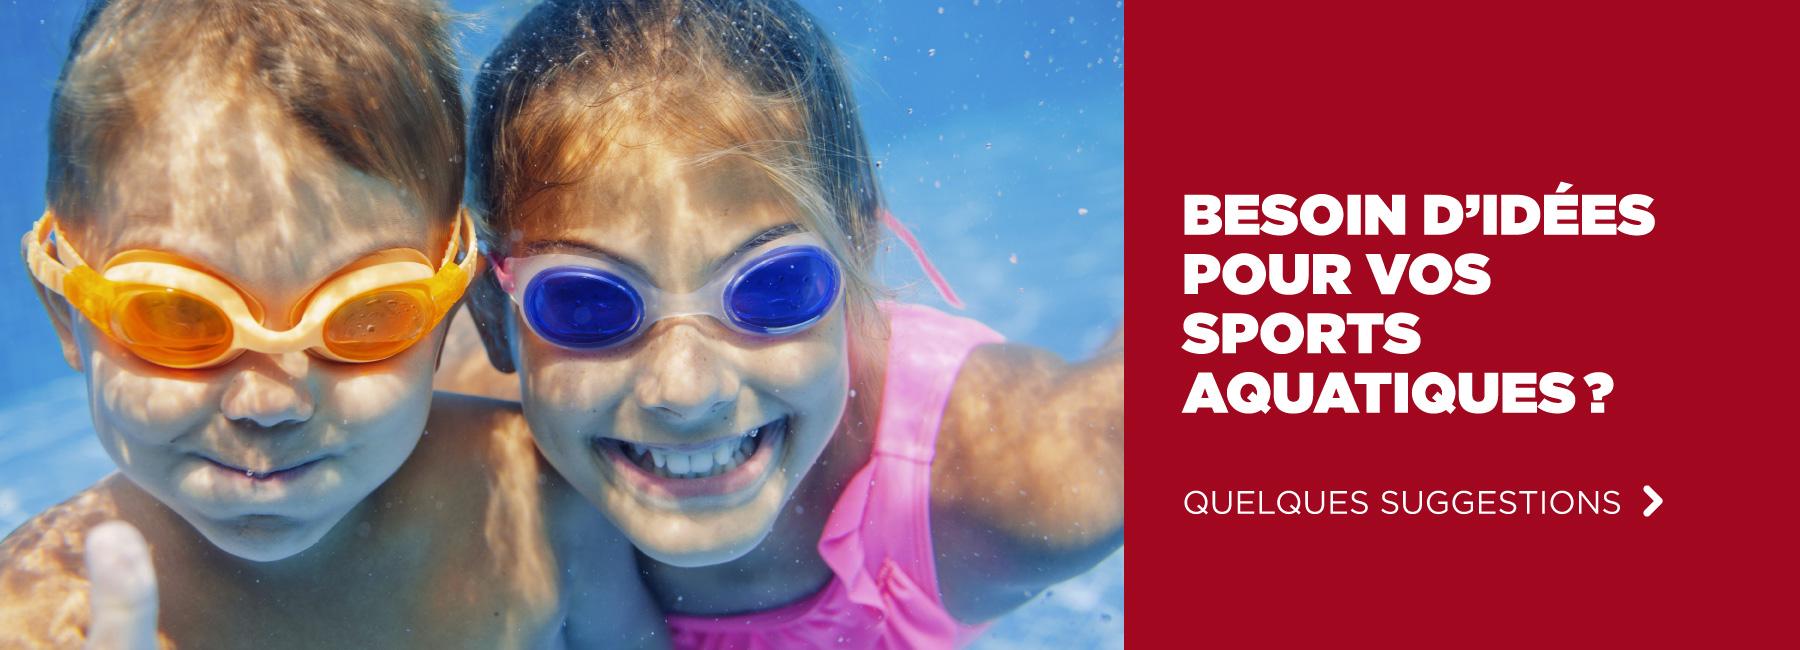 Sports aquatiques